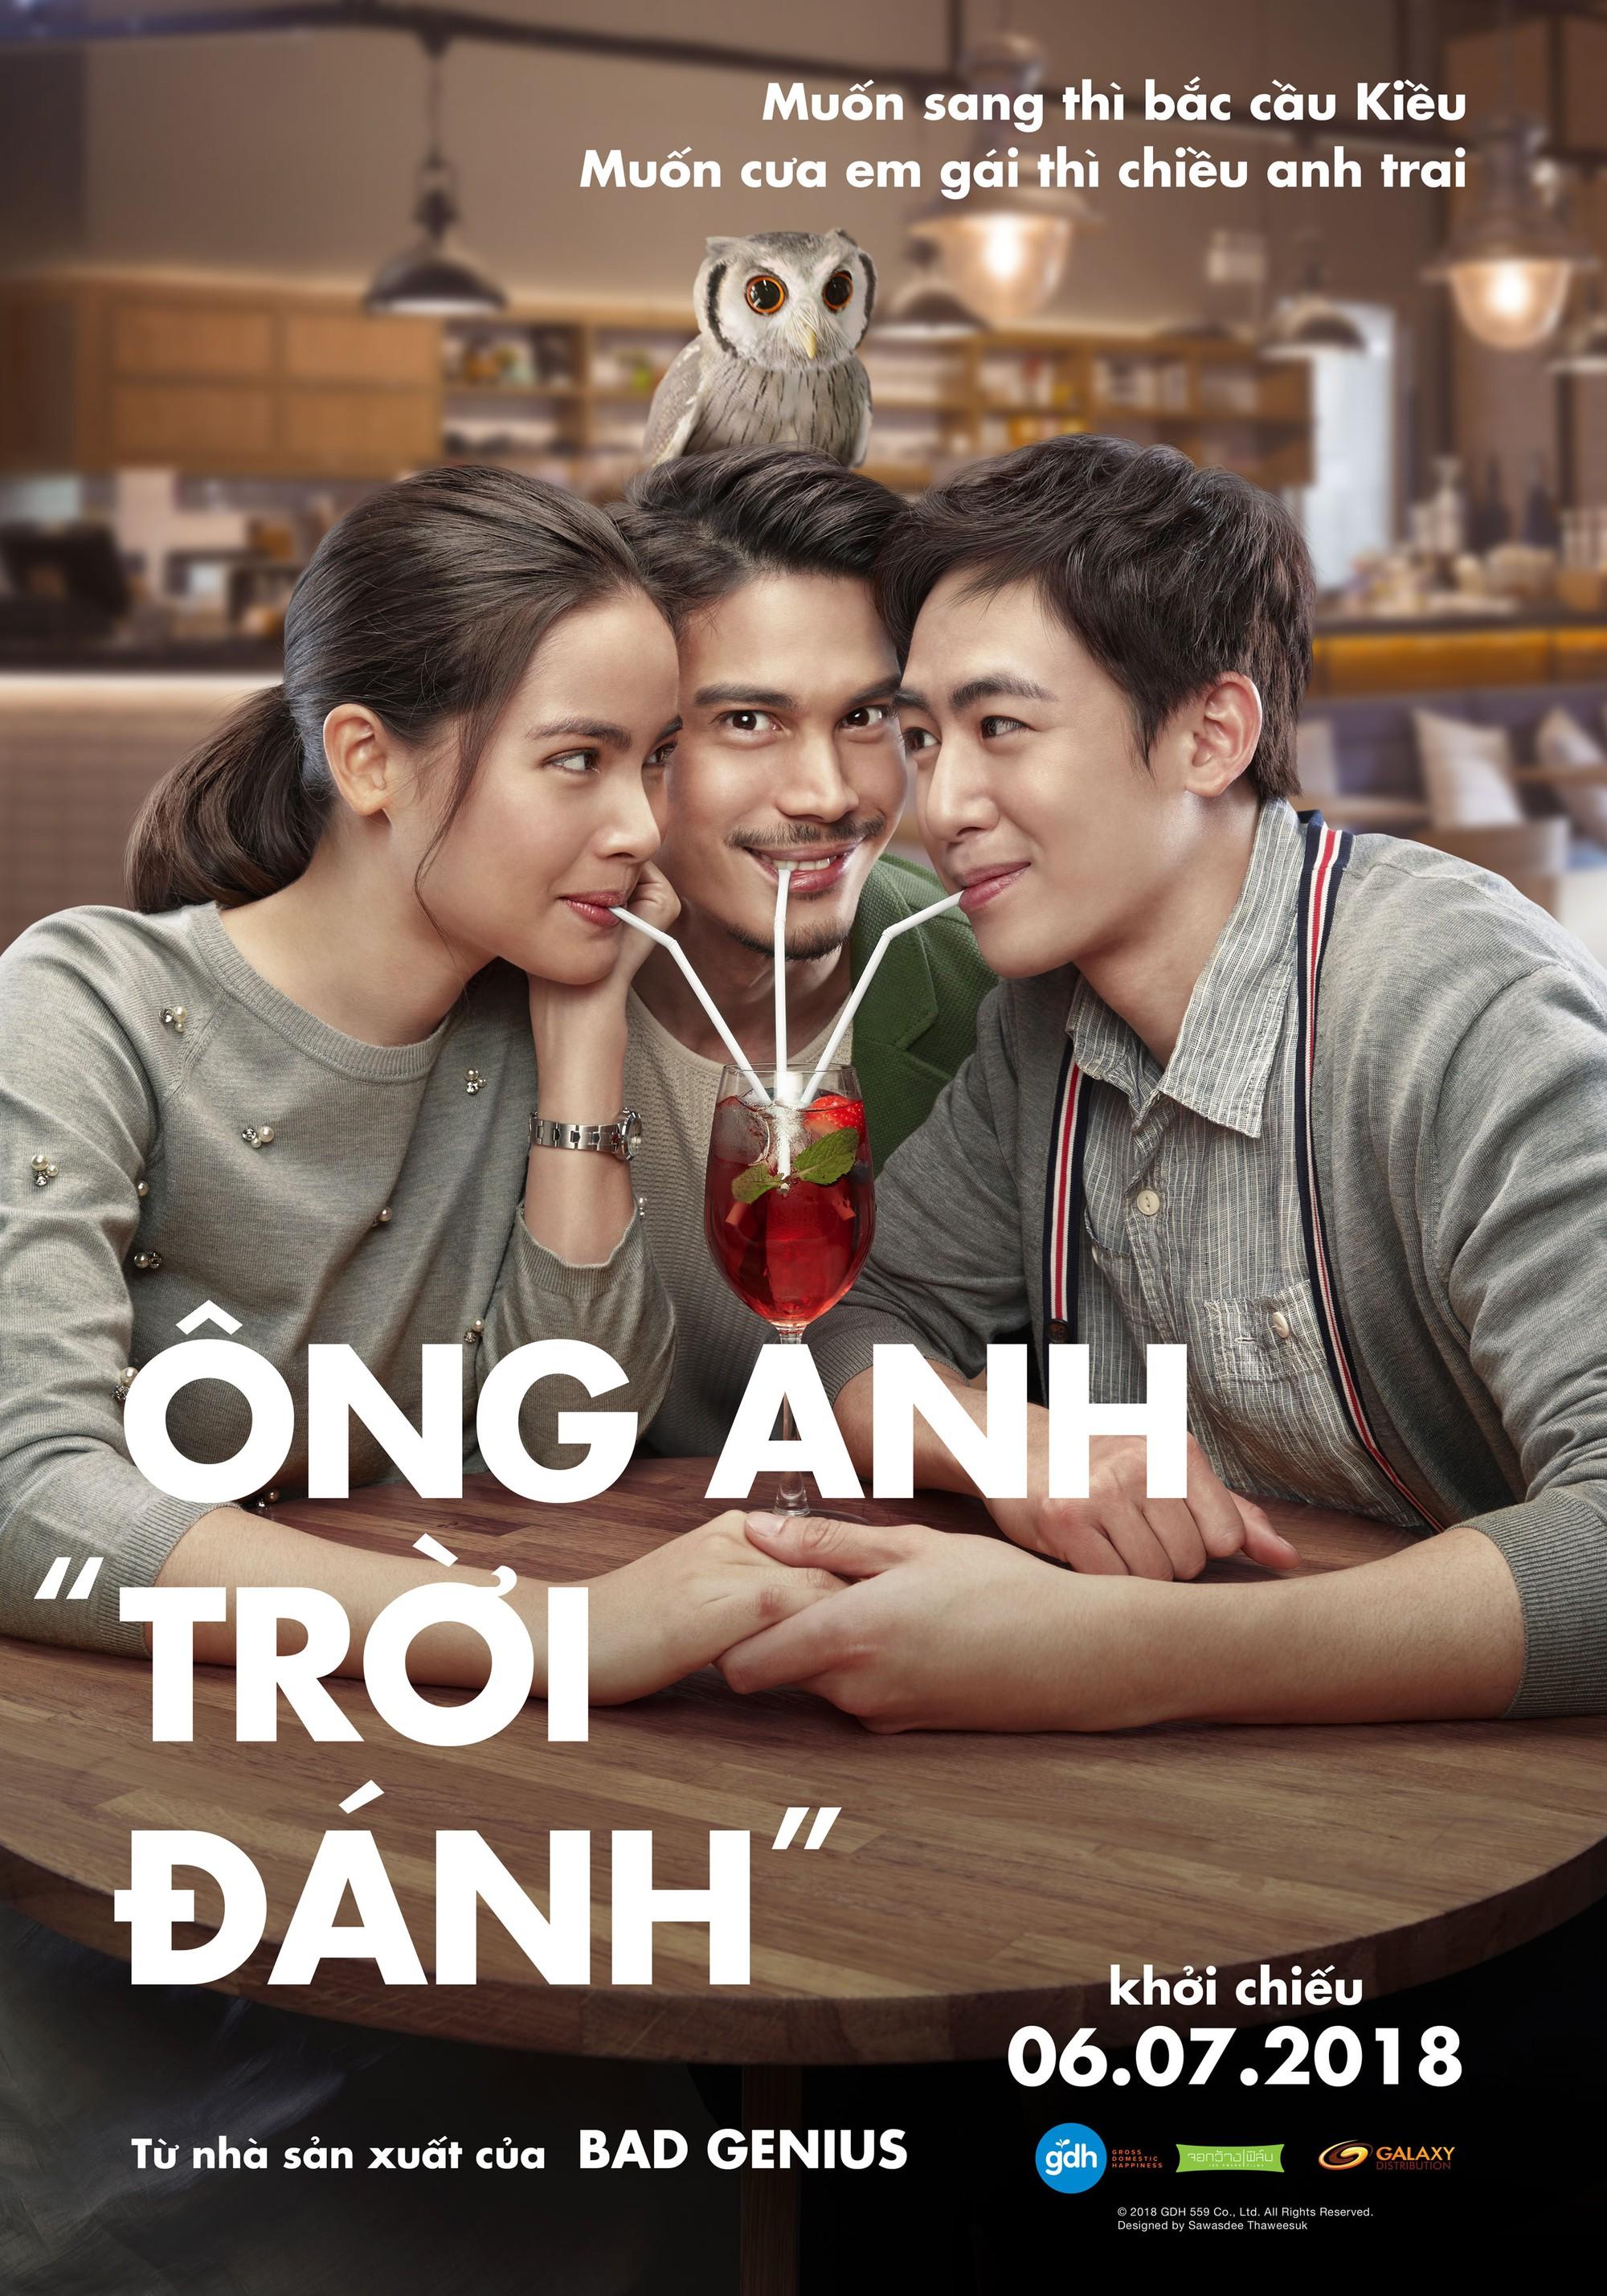 Ông Anh Trời Đánh - siêu phẩm Thái Lan thành công hơn cả Bad Genius sắp cập bến Việt Nam - Ảnh 1.